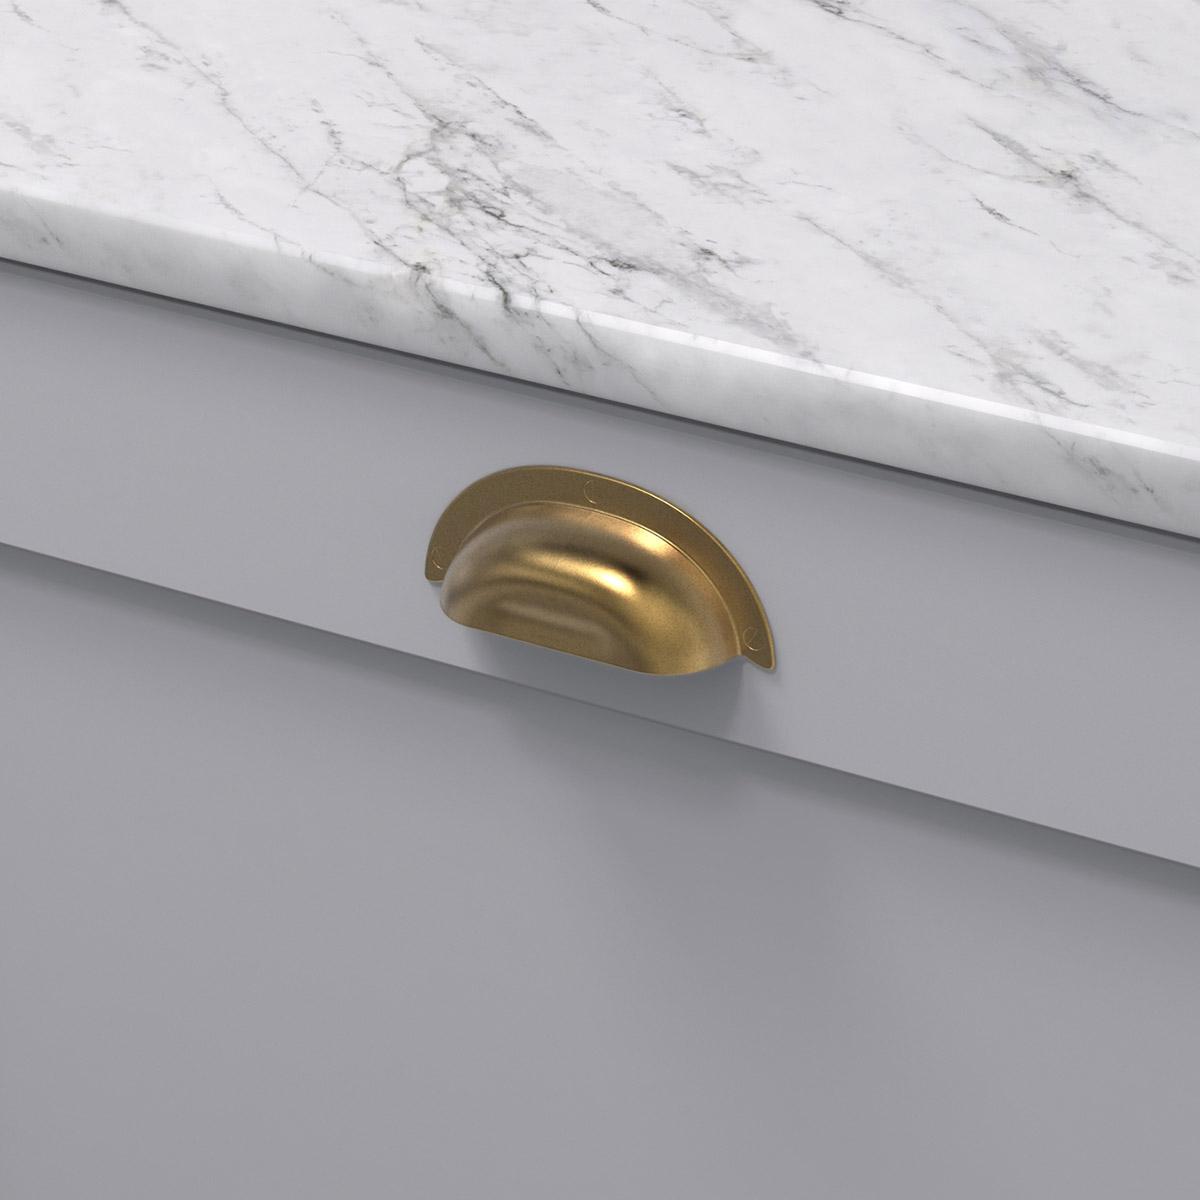 Skålhand 3922 matt massing 39223 11 ncs s 3000 n marmor carrara